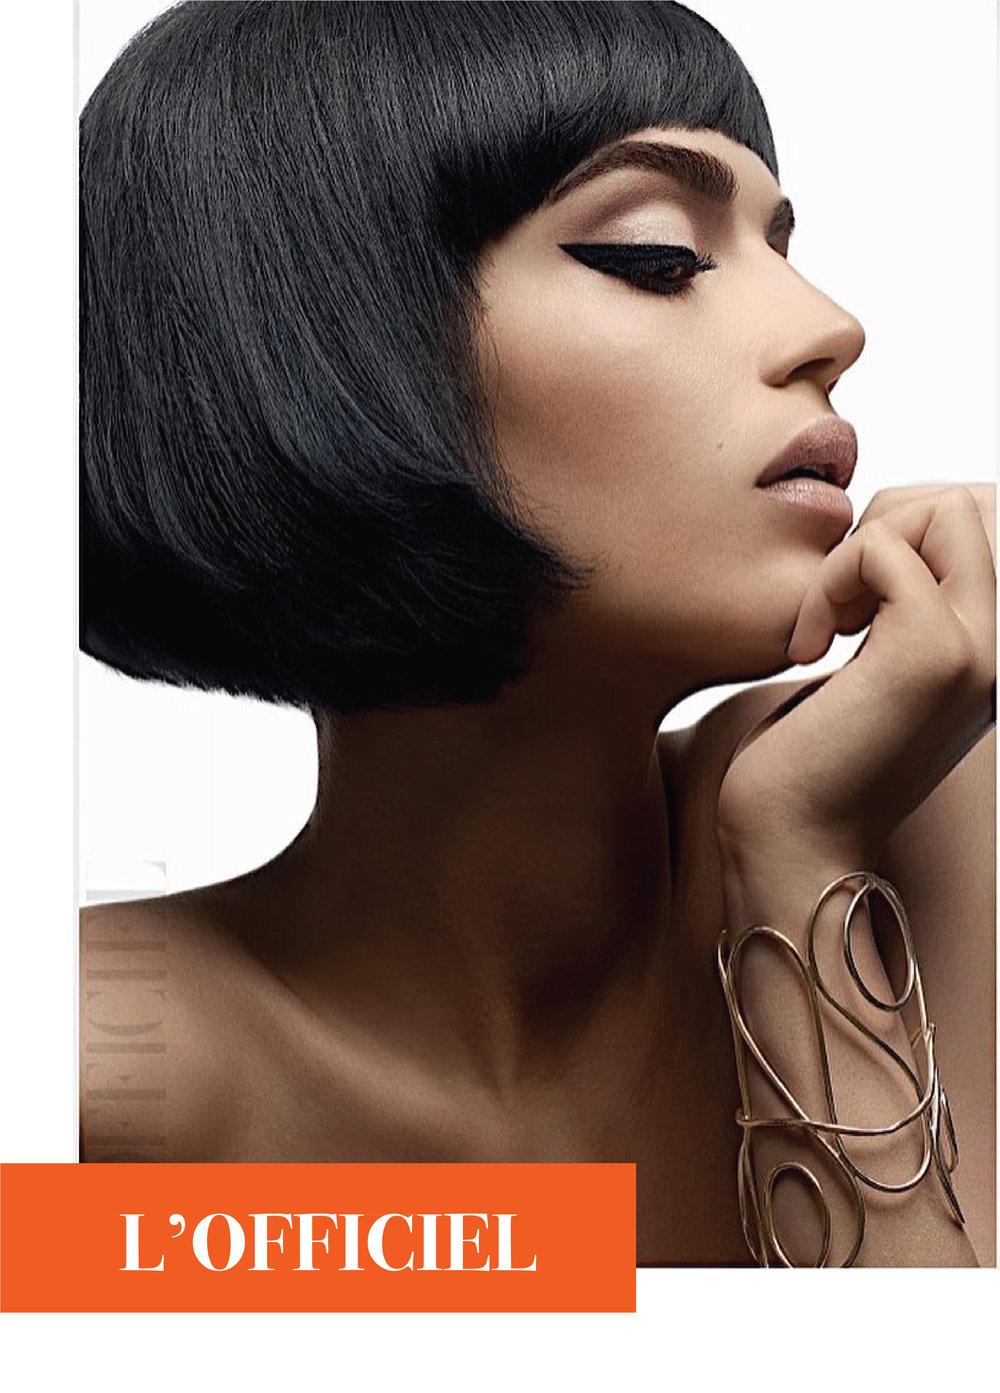 IMG_8261#izabysilviadavila #jewelry #orange #elegant #women #powerful #gold #silver #brass #goldplated defynyc.JPG.jpg